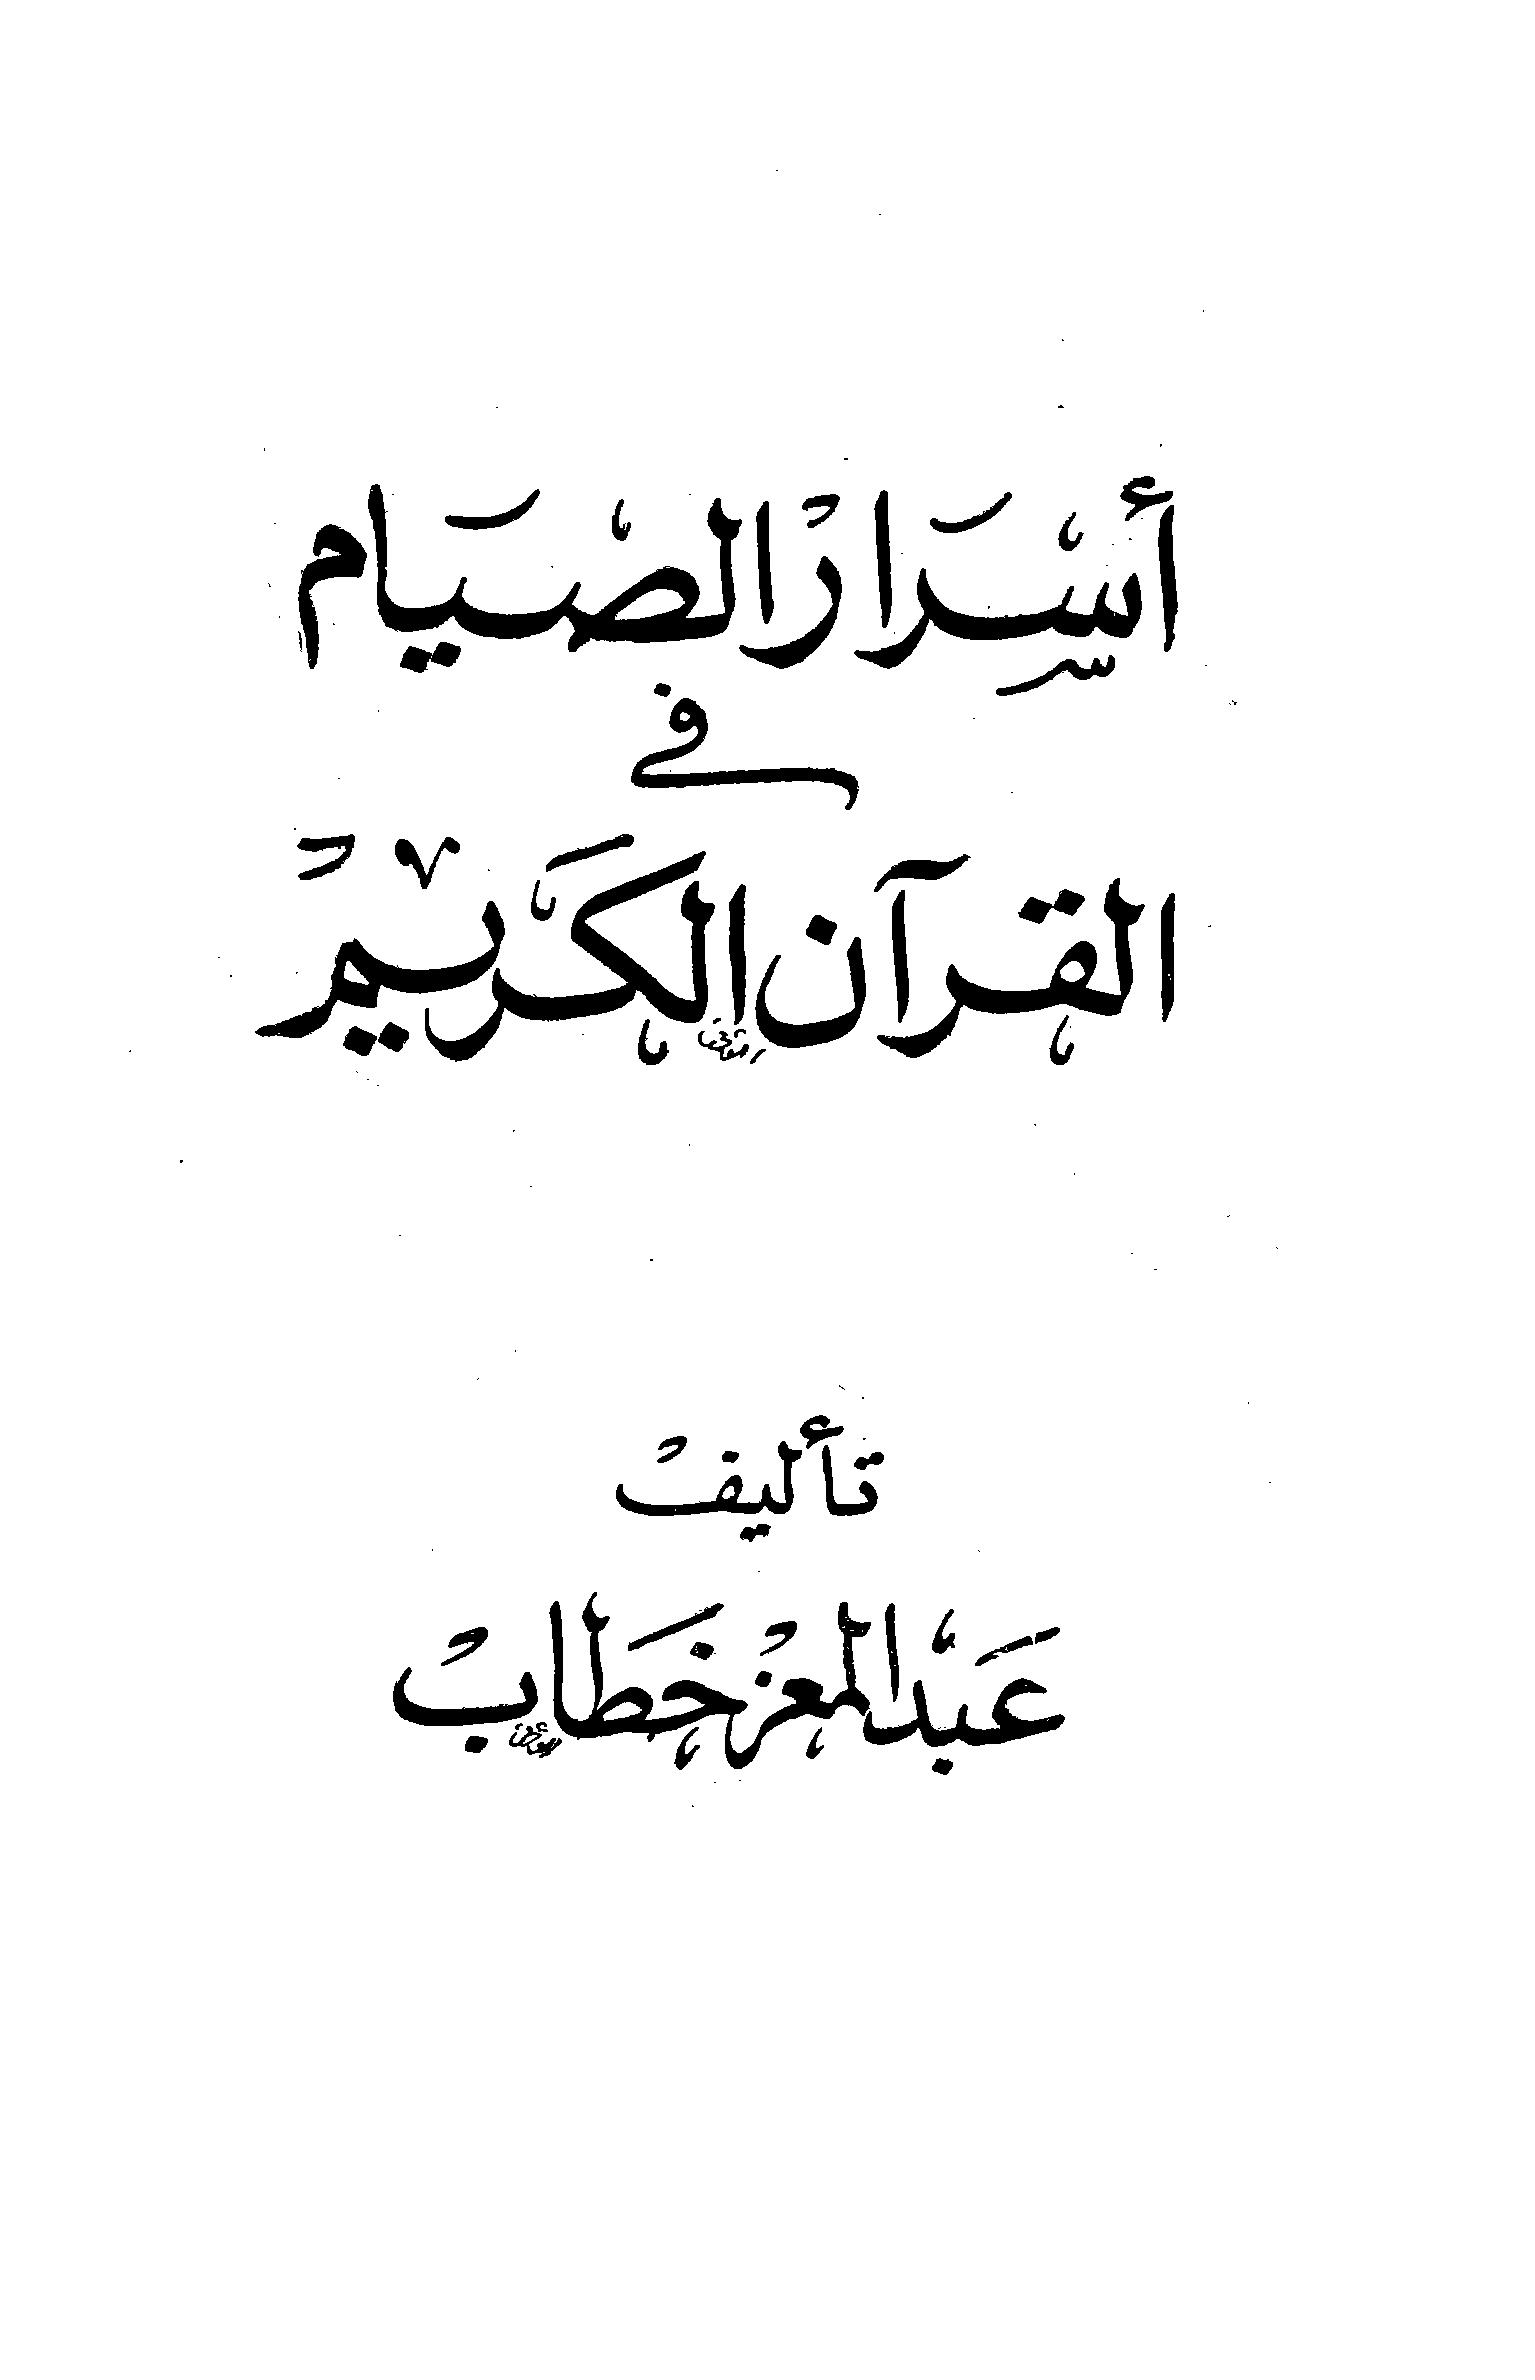 أسرار الصيام في القرآن الكريم - عبد المعز خطاب